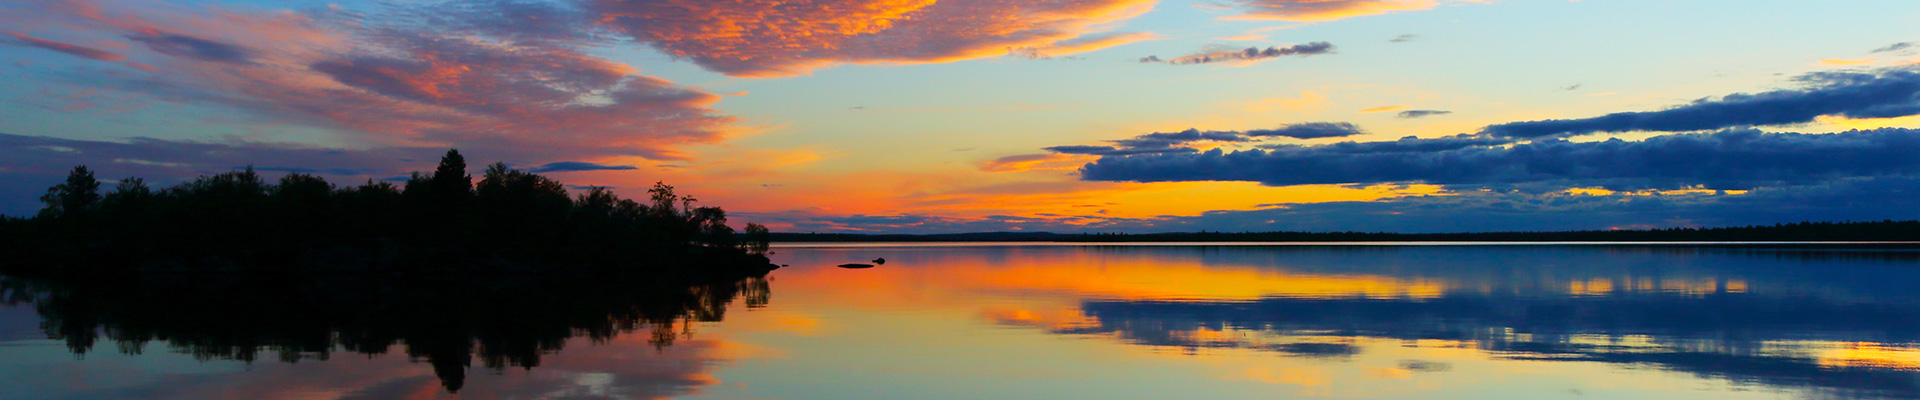 Finlandia: il Sole di mezzanotte